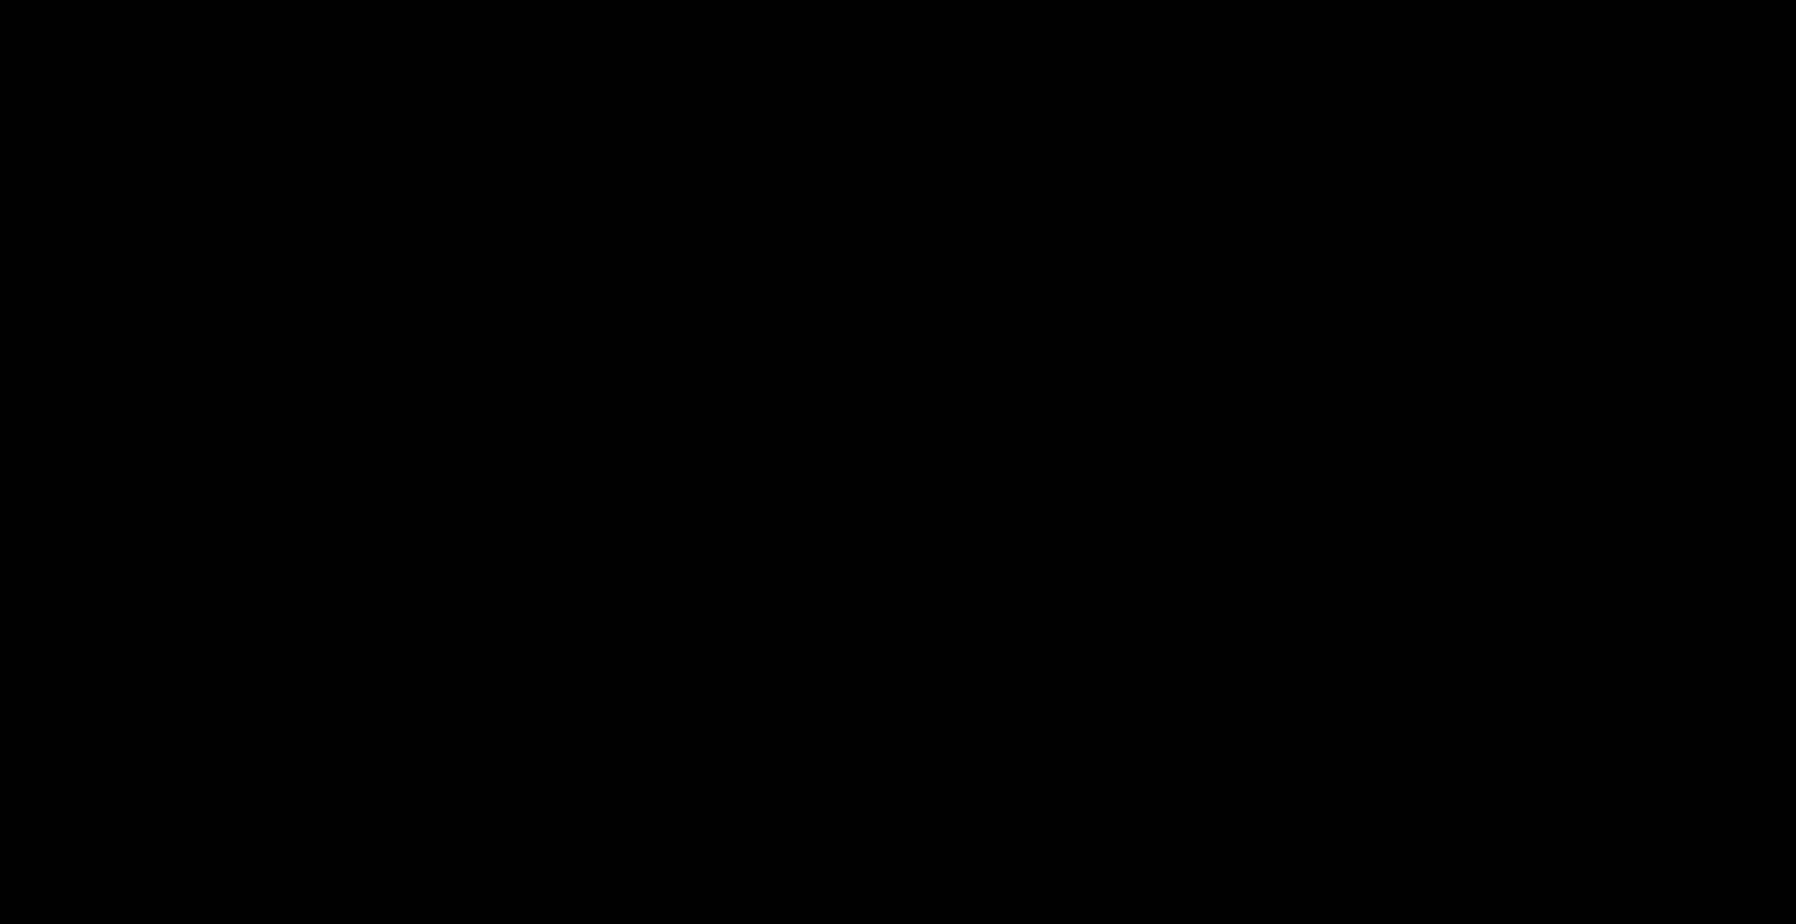 5-(Dimethylamino-d<sub>6</sub>)-N-[2-[4-(2-methoxyphenyl)piperazin-1-yl]ethyl]-1-naphthalenesulfonamide